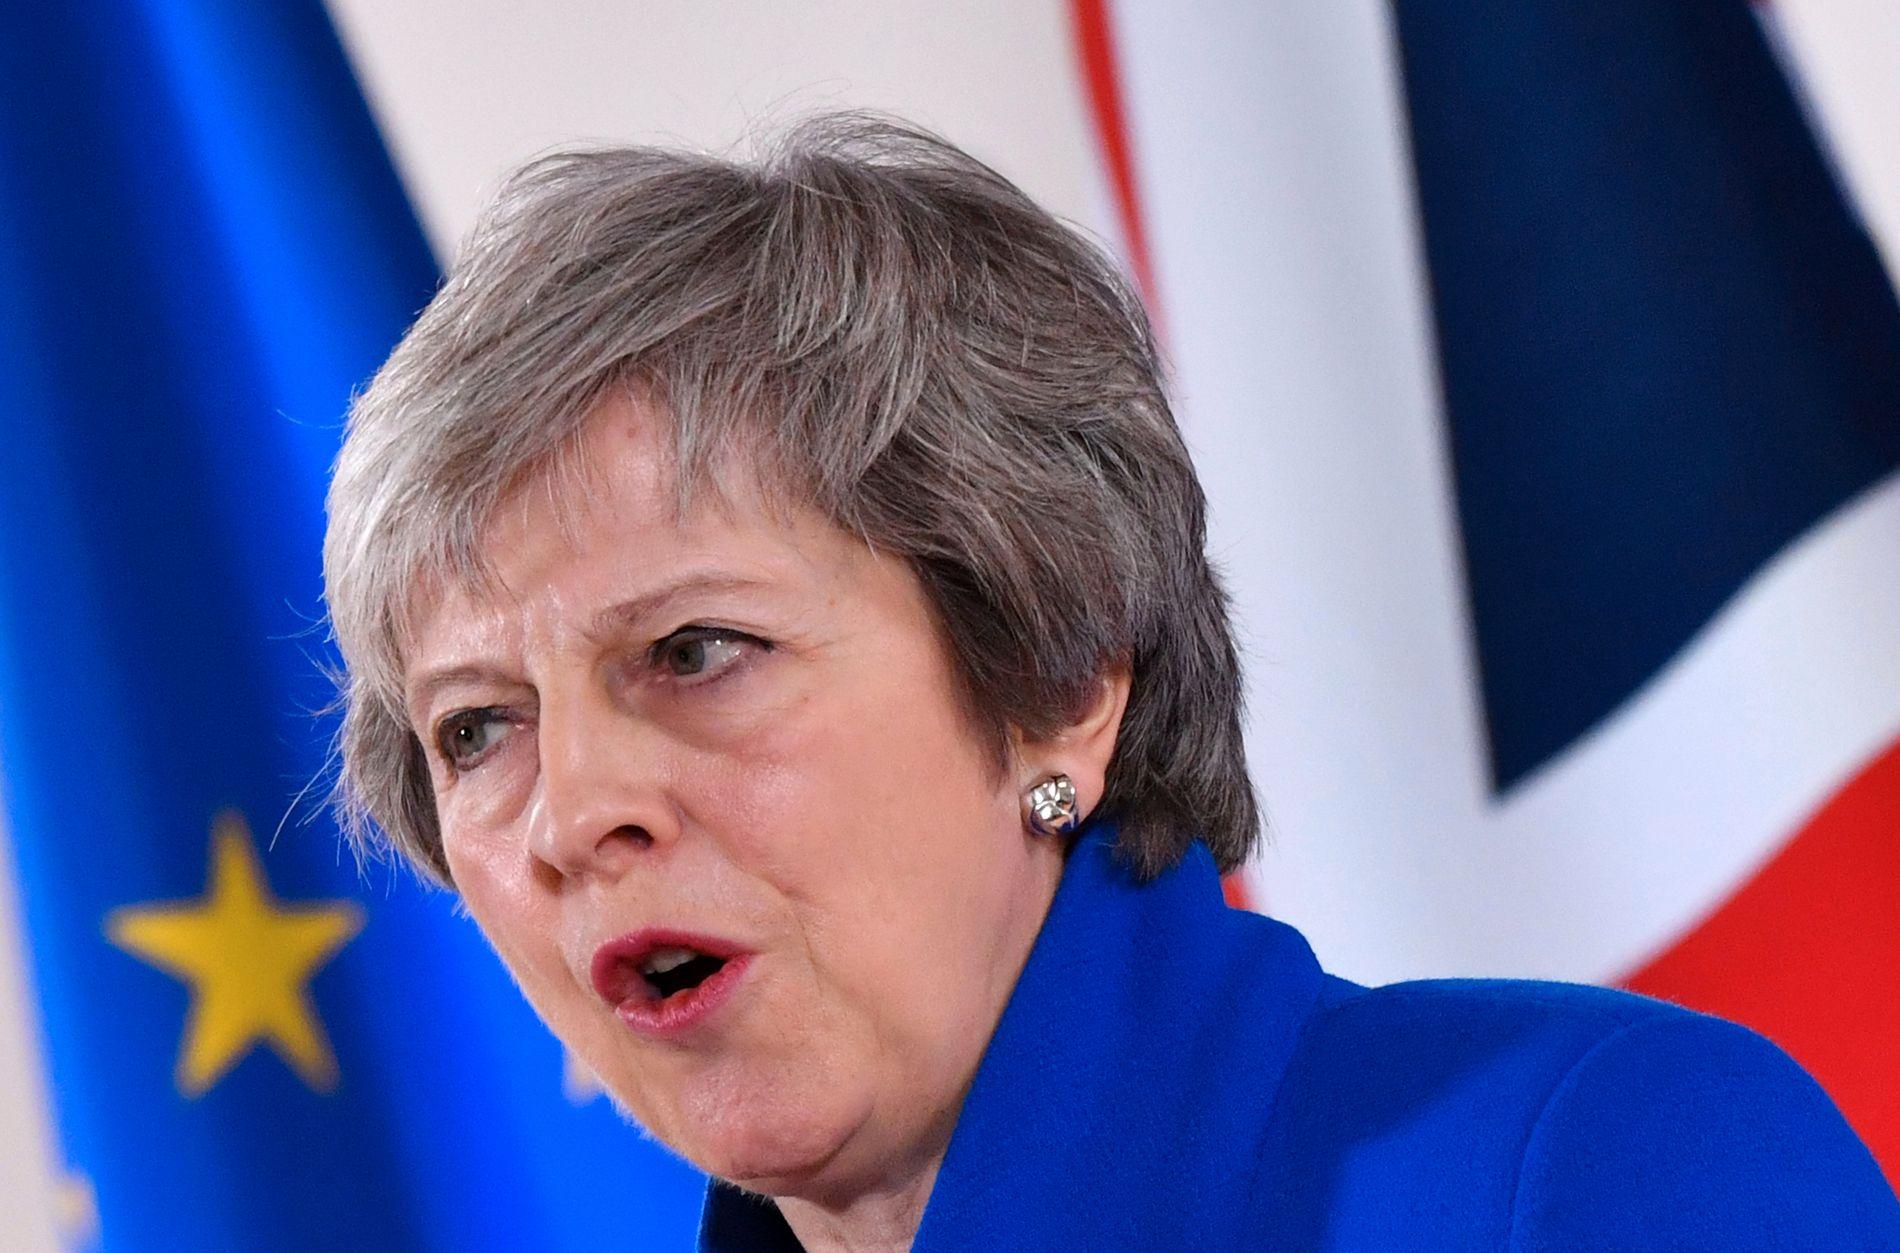 HANDEL: Uten en tollunion vil britiske produsenter bli nødt til å godtgjøre at varer de skal eksportere til EU, faktisk er britiske. Det betyr mer papirarbeid og forsinkelser. Her ligger en viktig lærdom for Norge, skriver Vidar Helgesen. Britenes statsminister Theresa May forhandlet frem avtalen med EU.